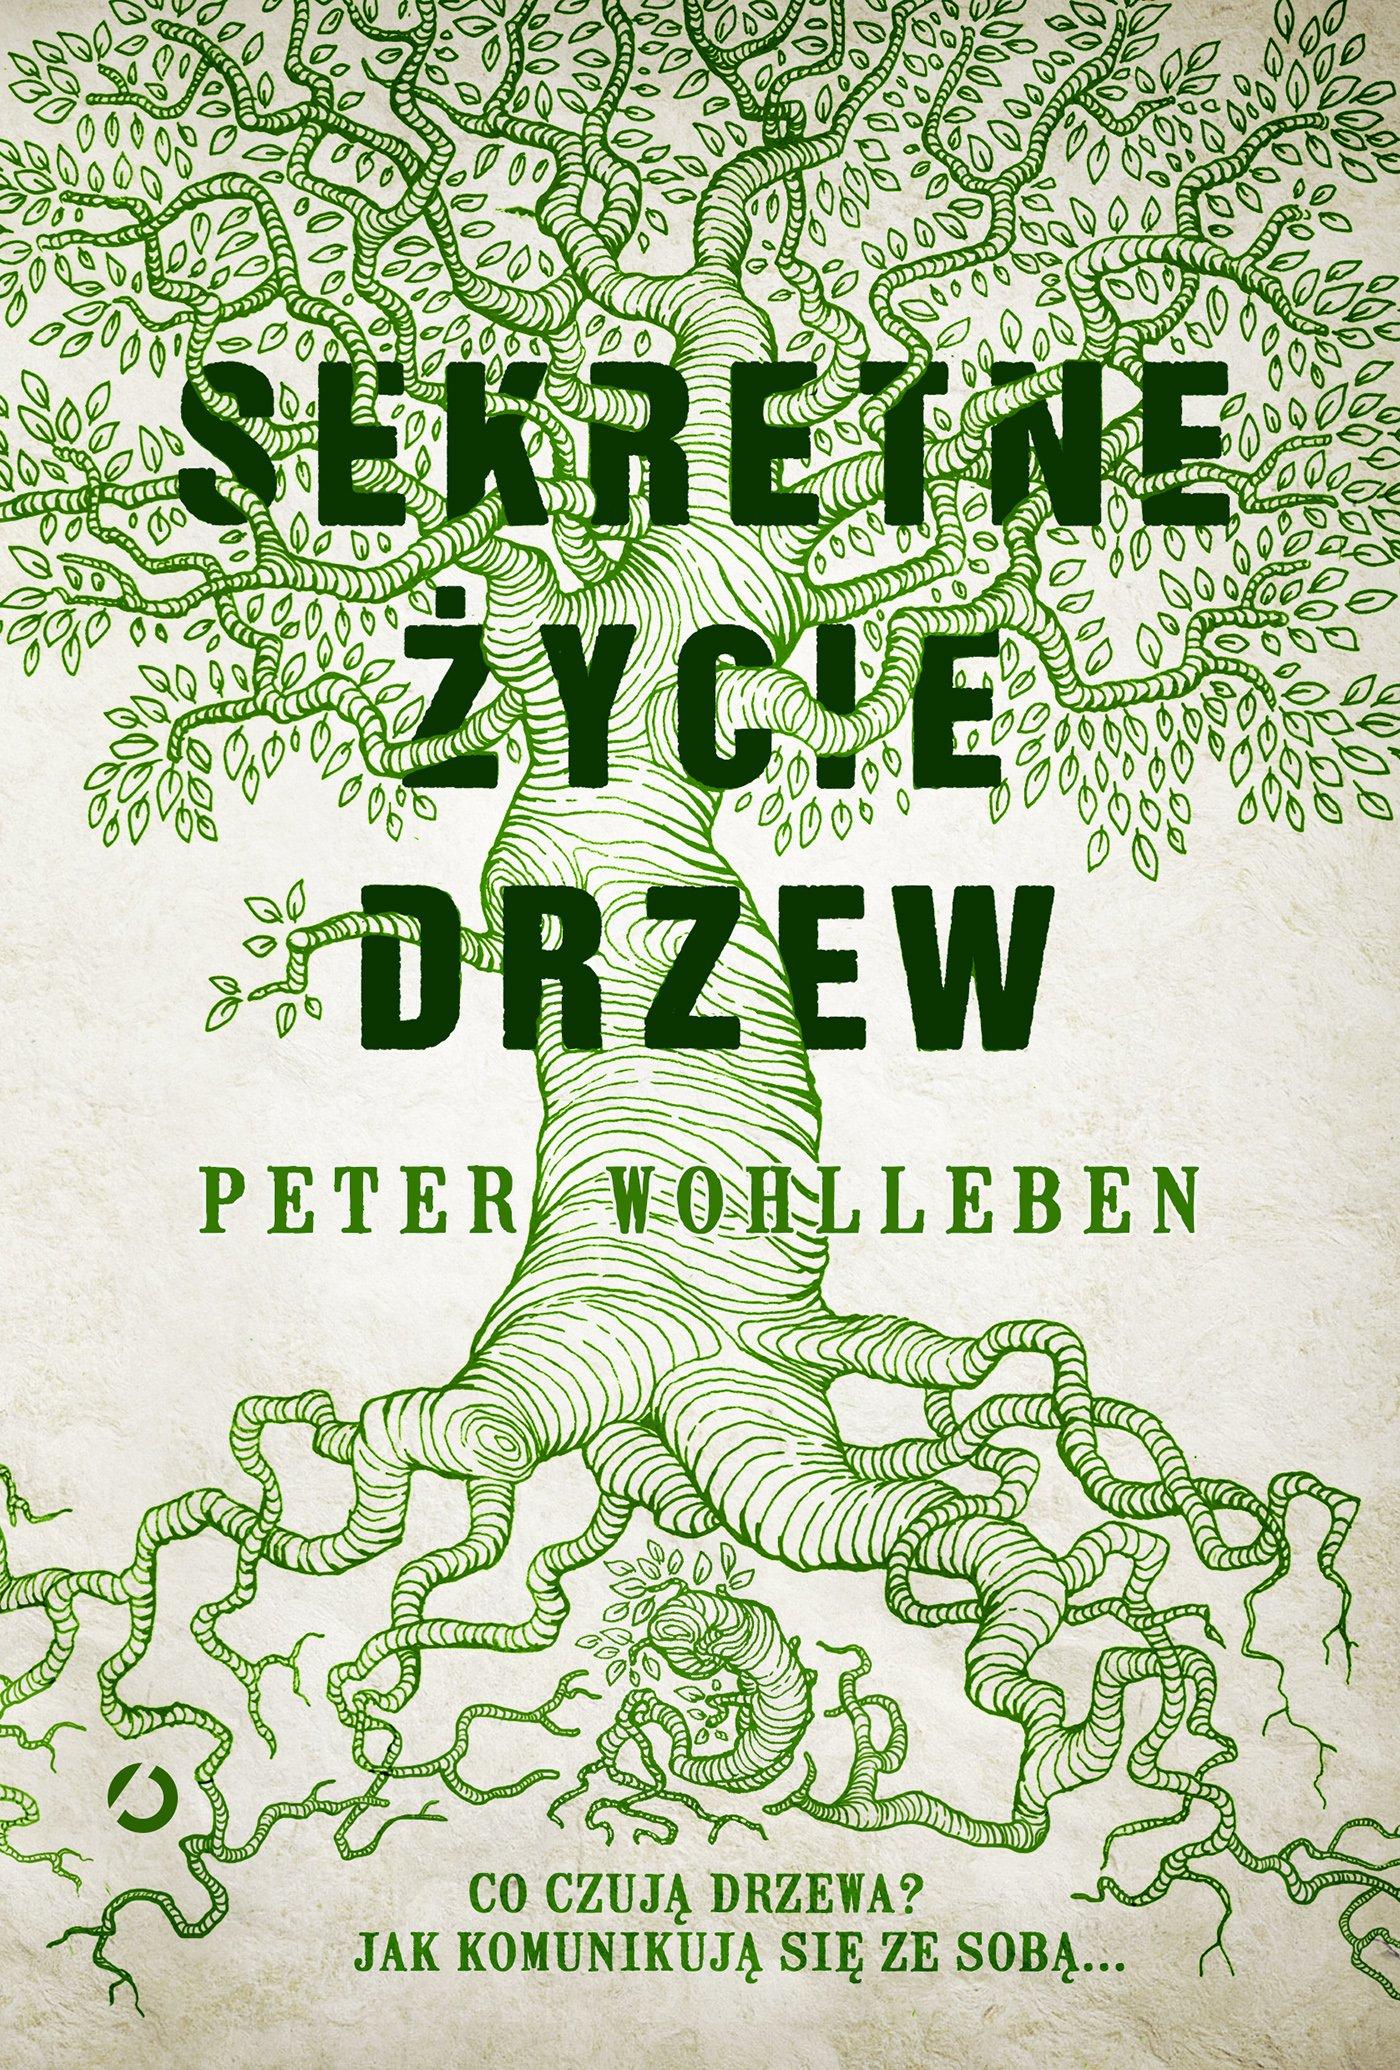 Sekretne Zycie Drzew